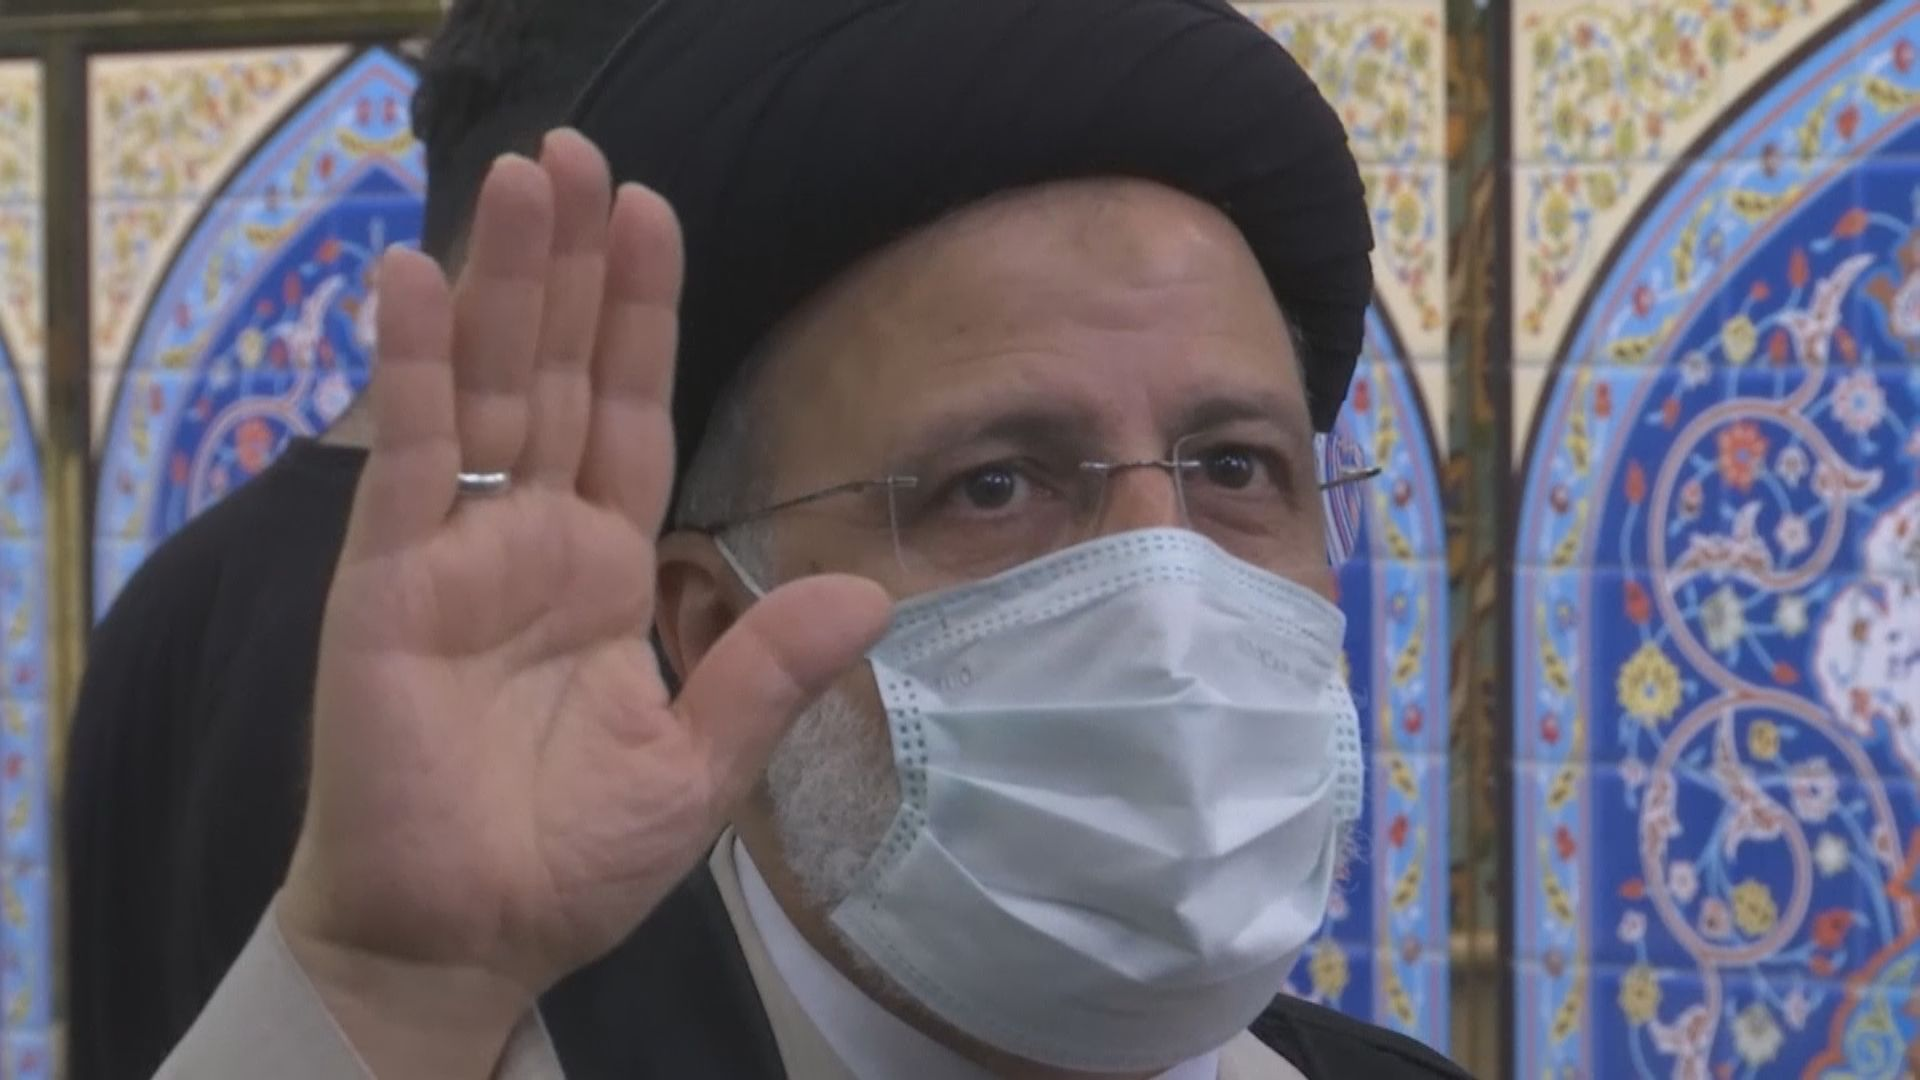 伊朗總統料萊西當選 分析指伊朗政治風向或由溫和轉強硬